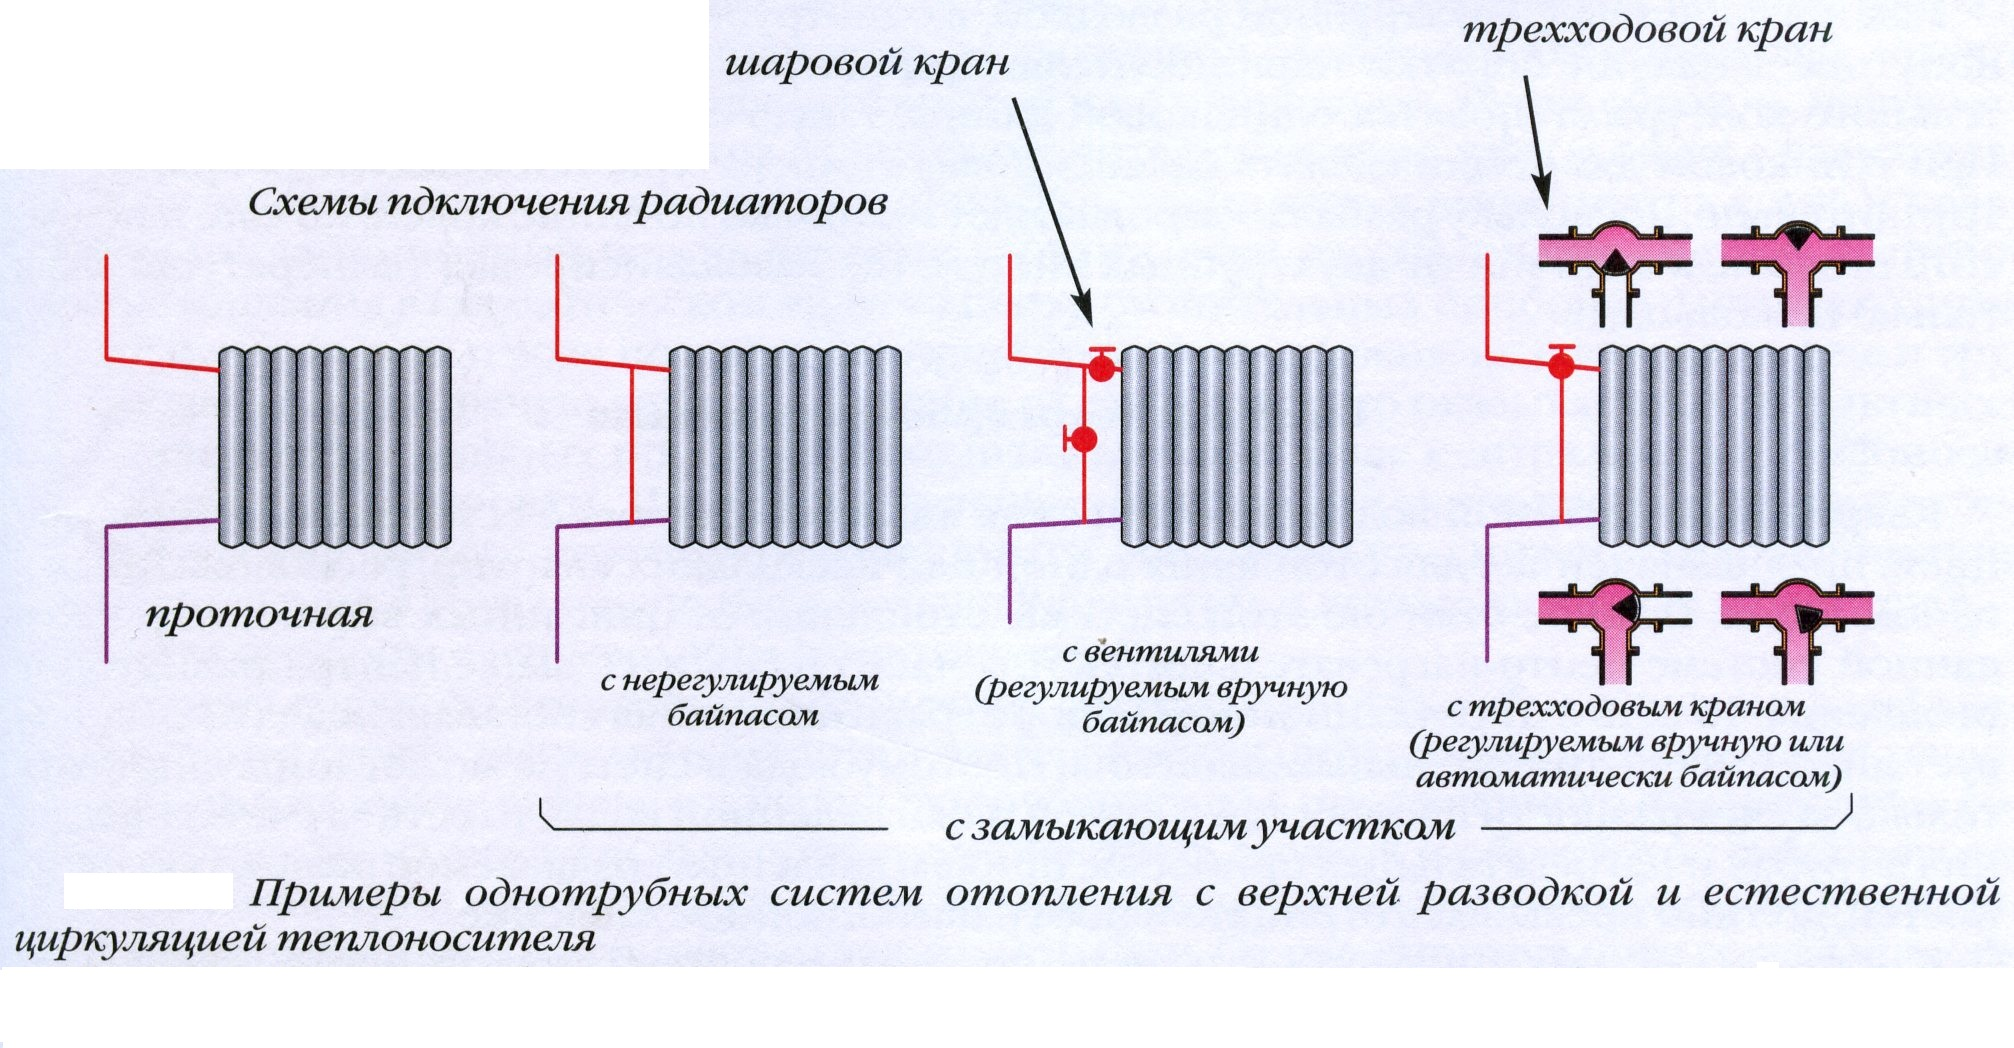 Как сделать голос русского мясника в кс го